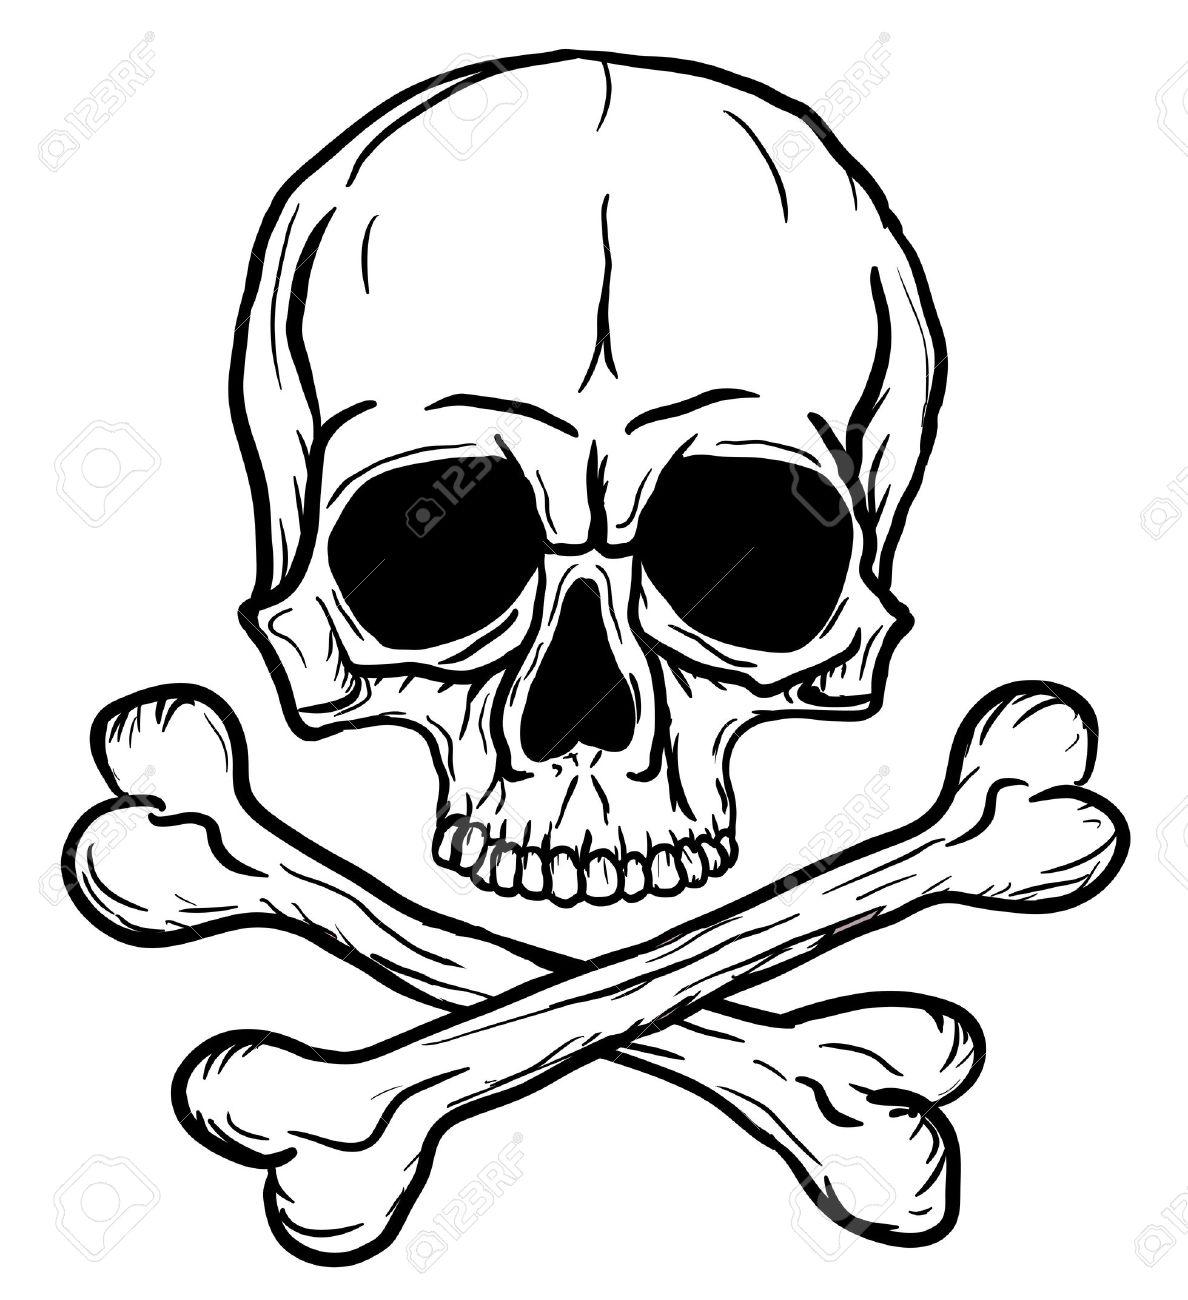 Schädel Und Knochen Auf Weißem Hintergrund Isoliert Lizenzfrei ...